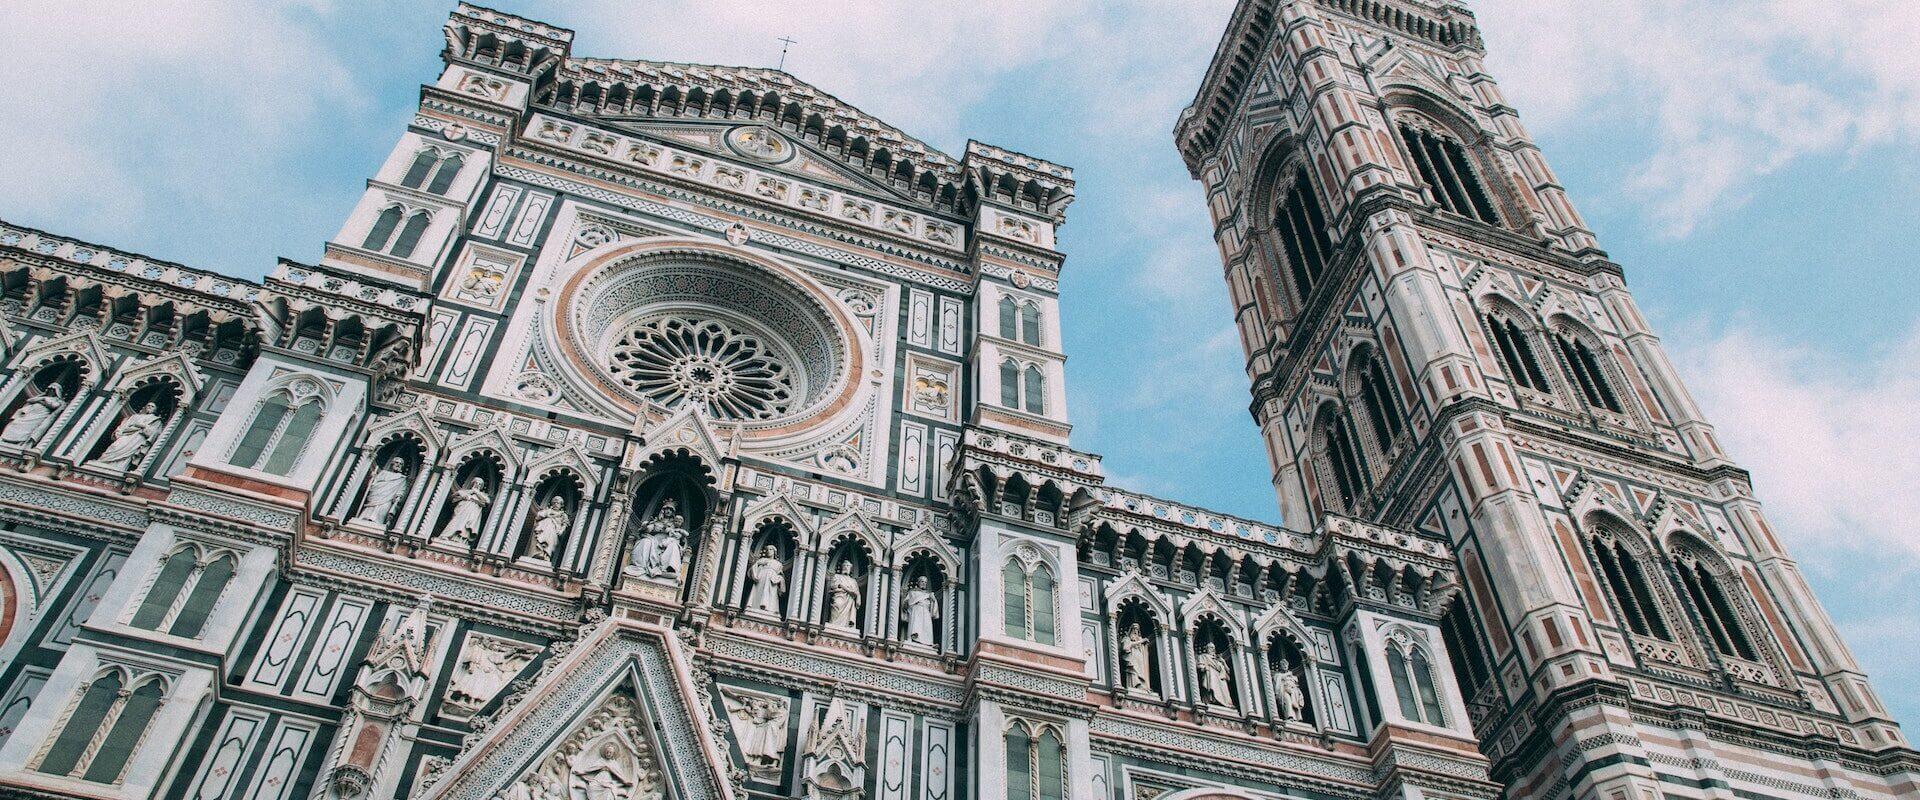 Organizza il tuo viaggio in Italia